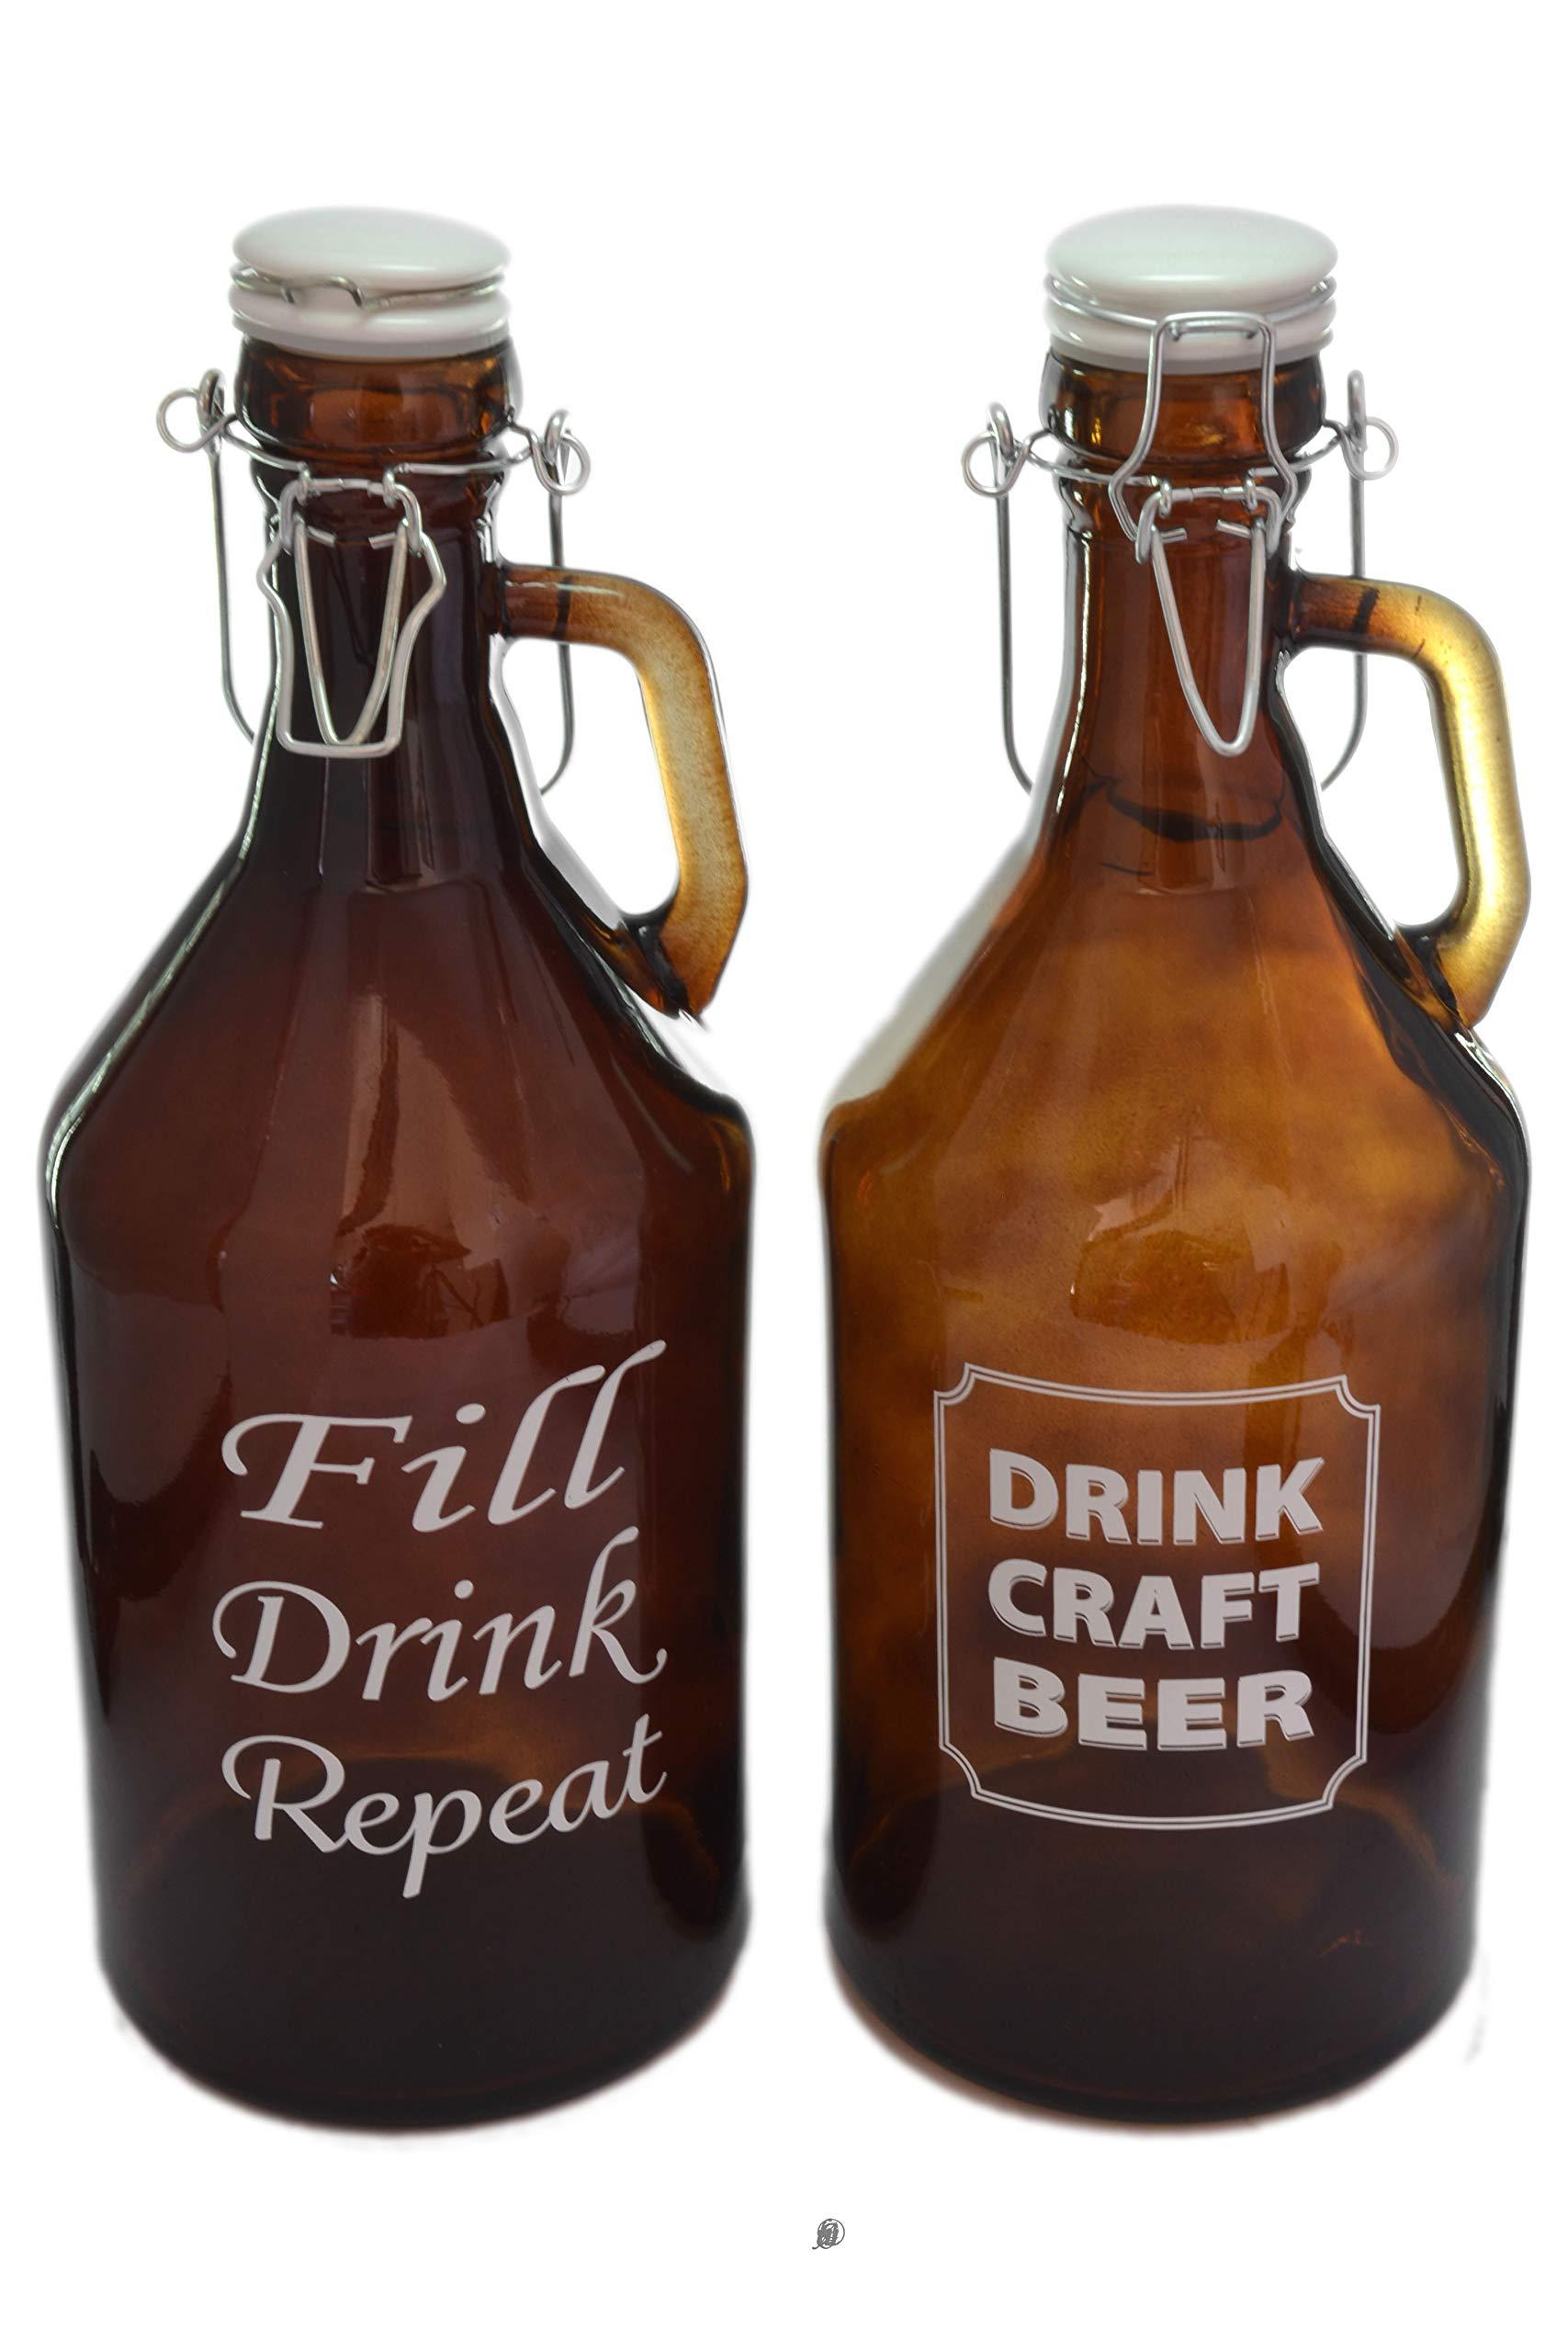 Set 2 Large 65oz/2L Brown Glass Beer Growlers Jar Bottles Jugs with Hermetic Lids